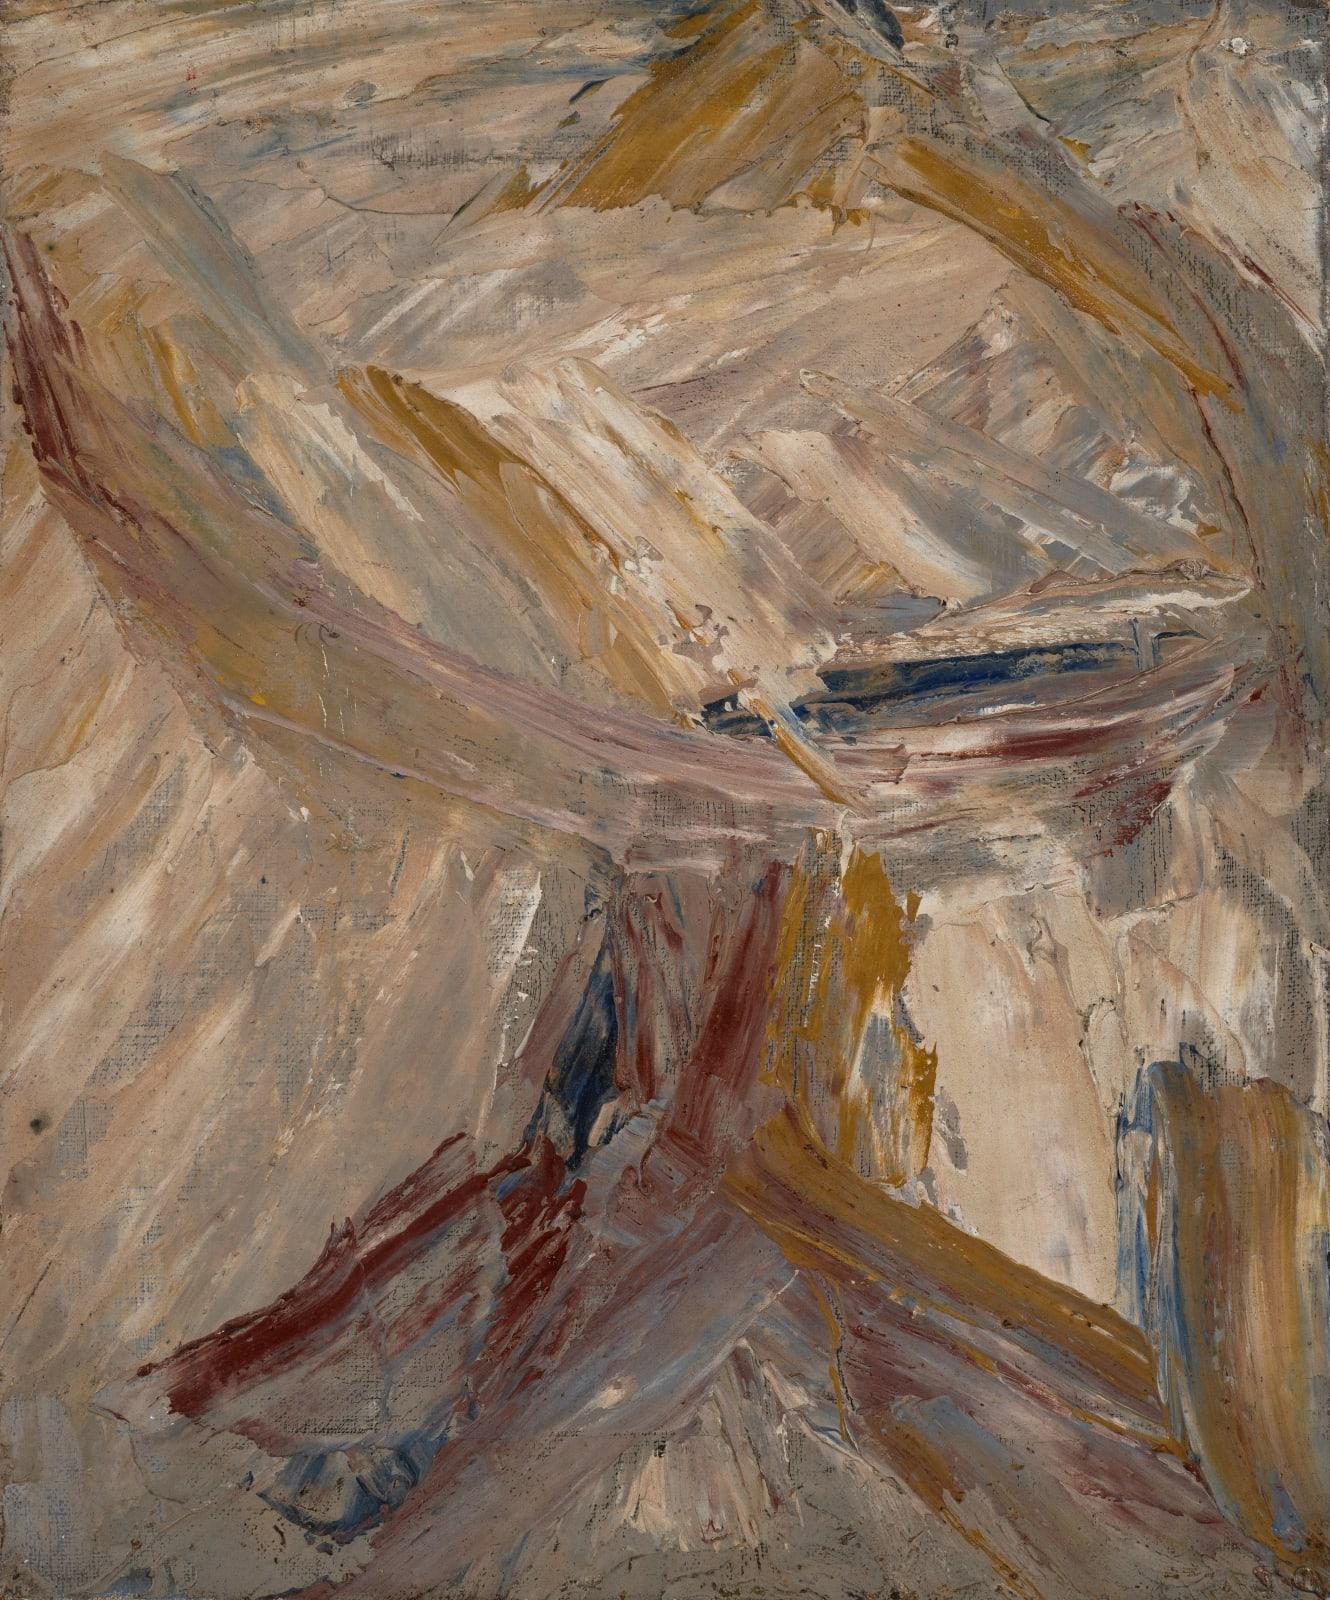 Gustav Metzger Table, 1956 Oil on canvas 30 x 25cm. The Gustav Metzger Foundation